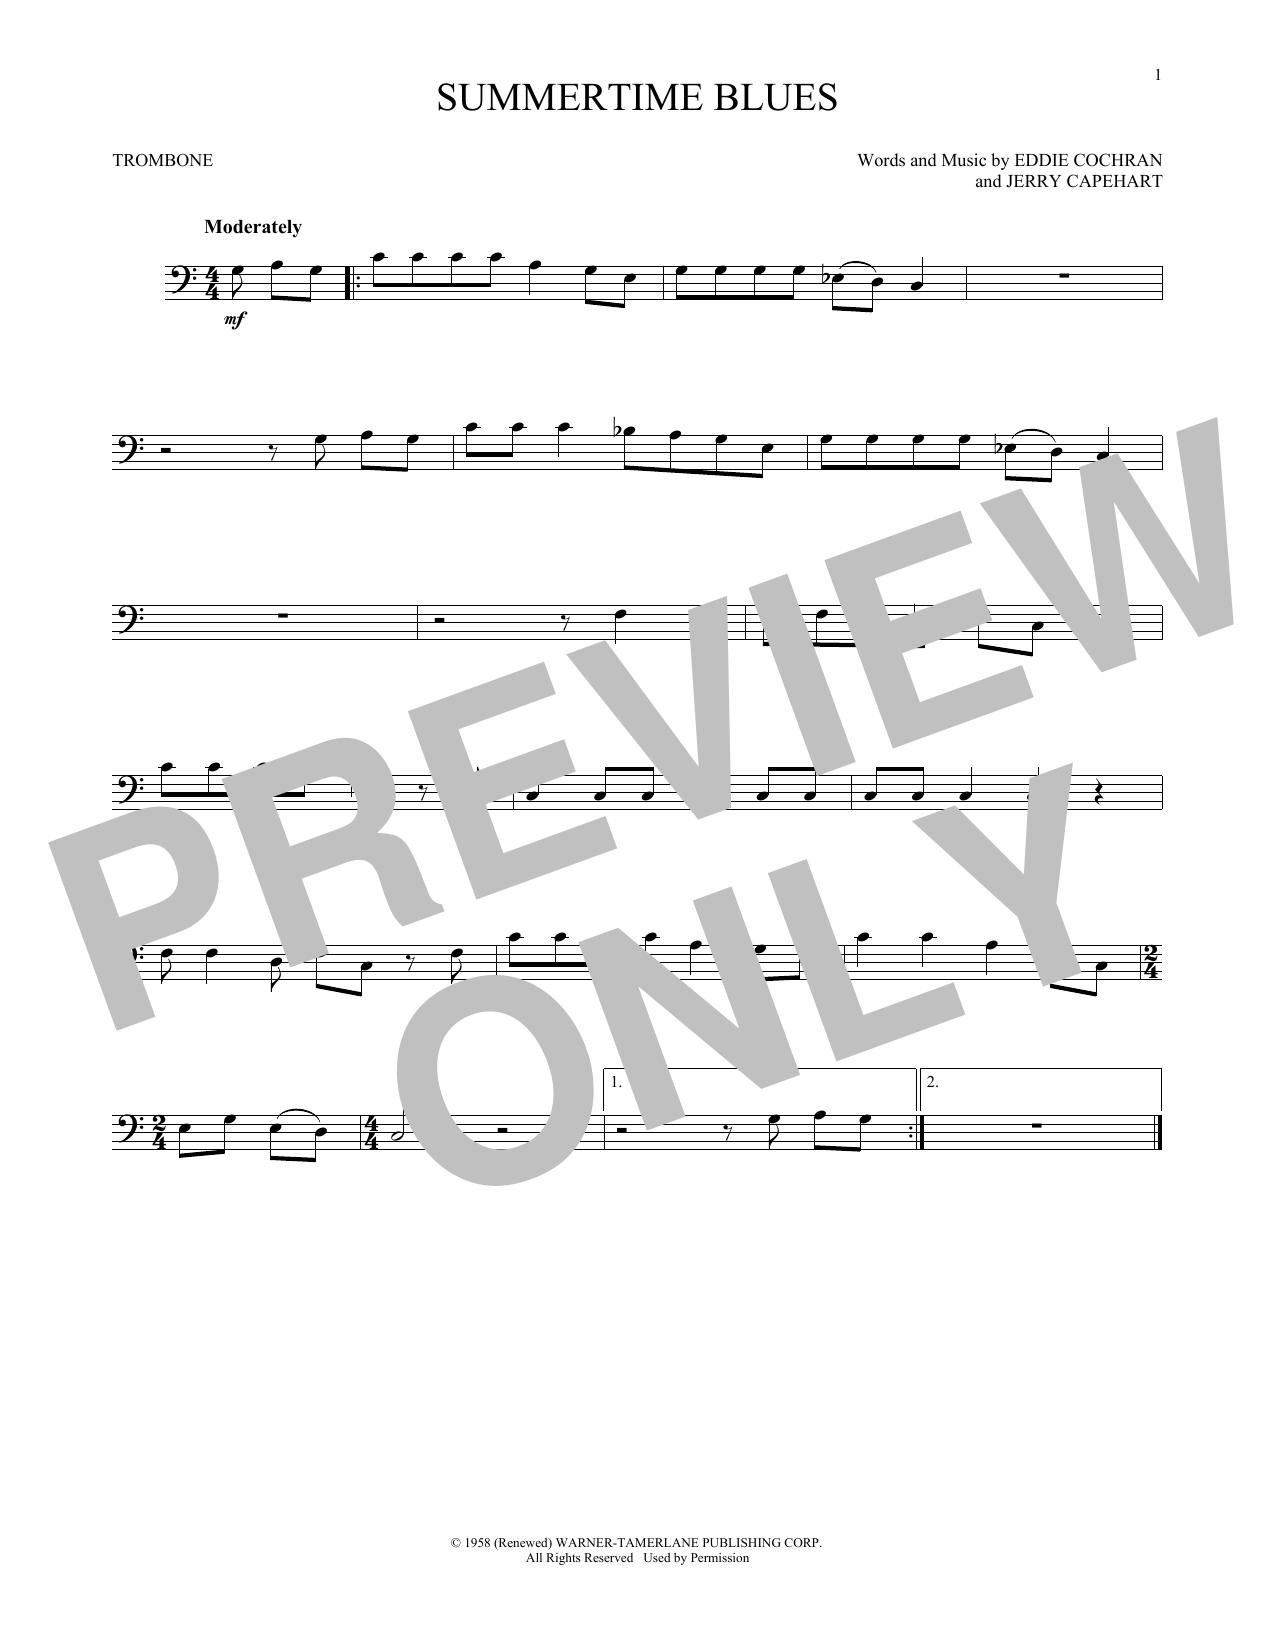 Summertime Blues (Trombone Solo)